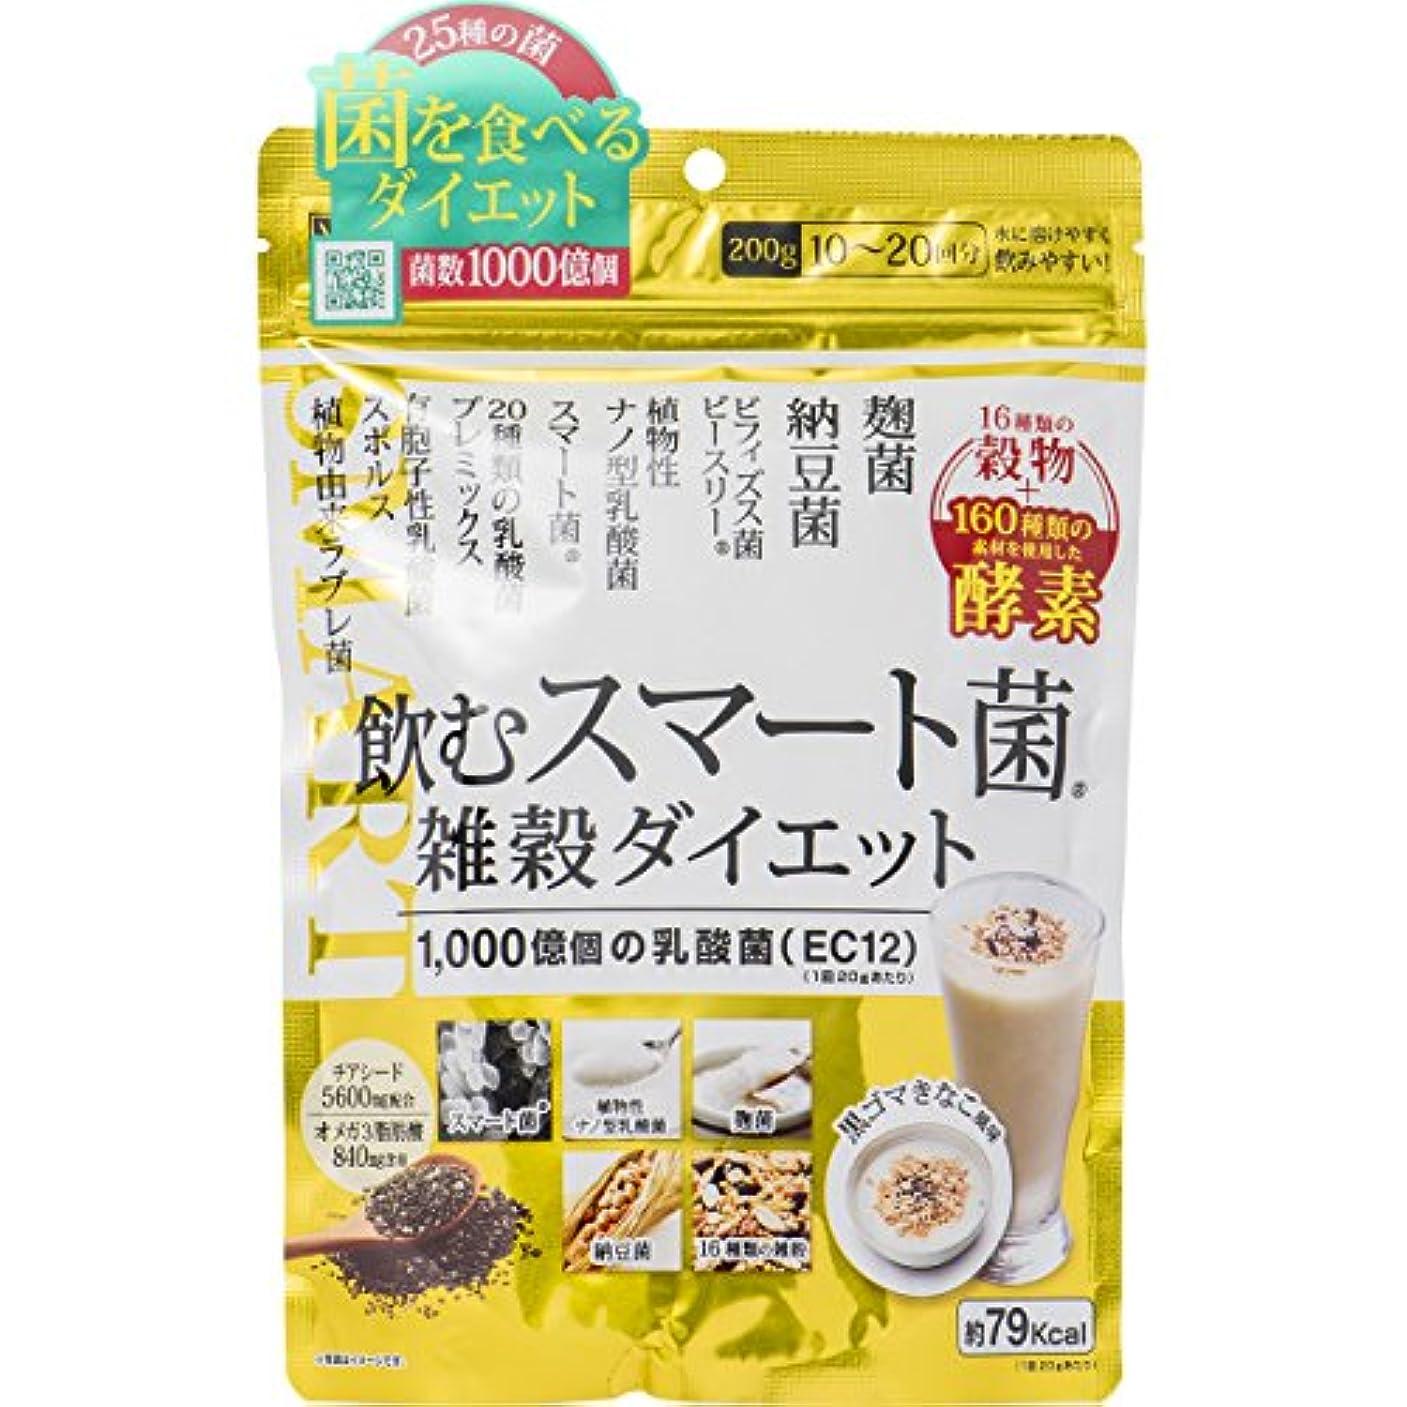 保護する害ネコ飲むスマート菌 200g